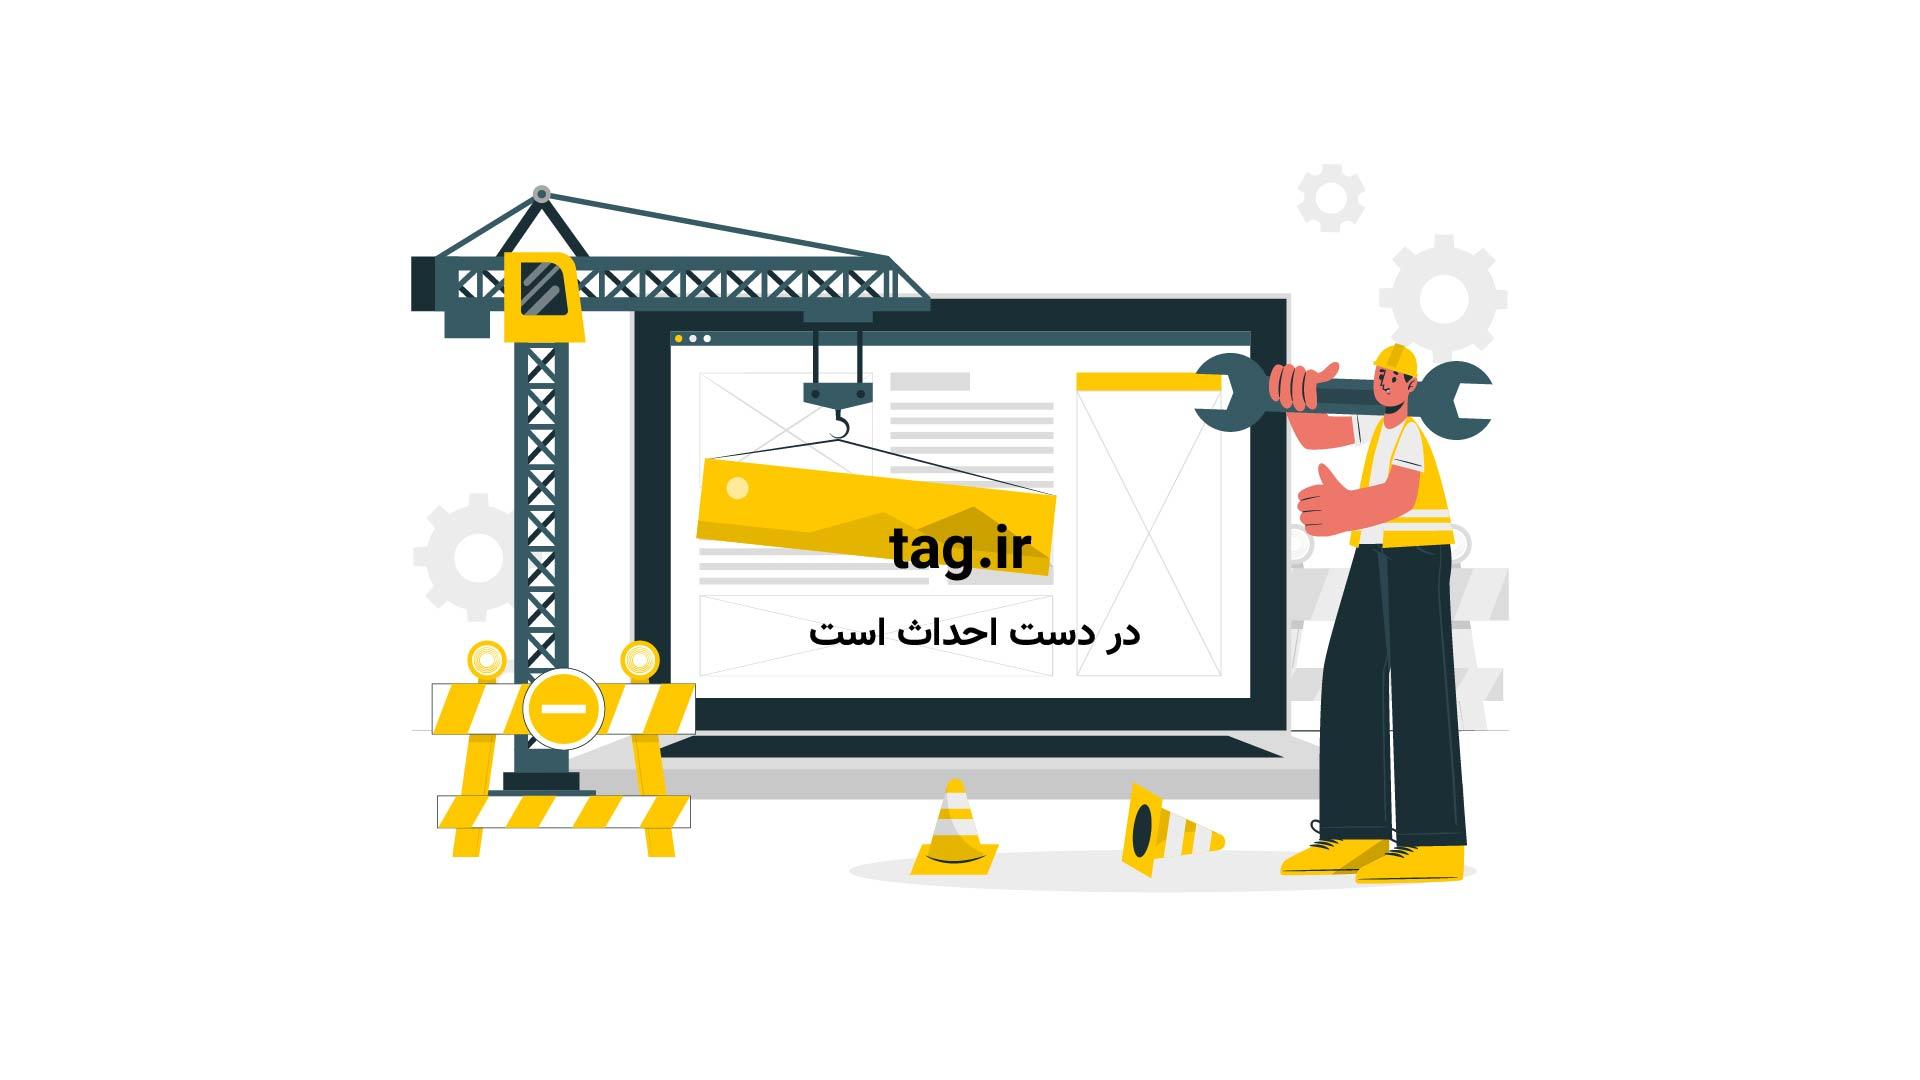 انیمیشن برنارد؛ این قسمت موش مزاحم | فیلم